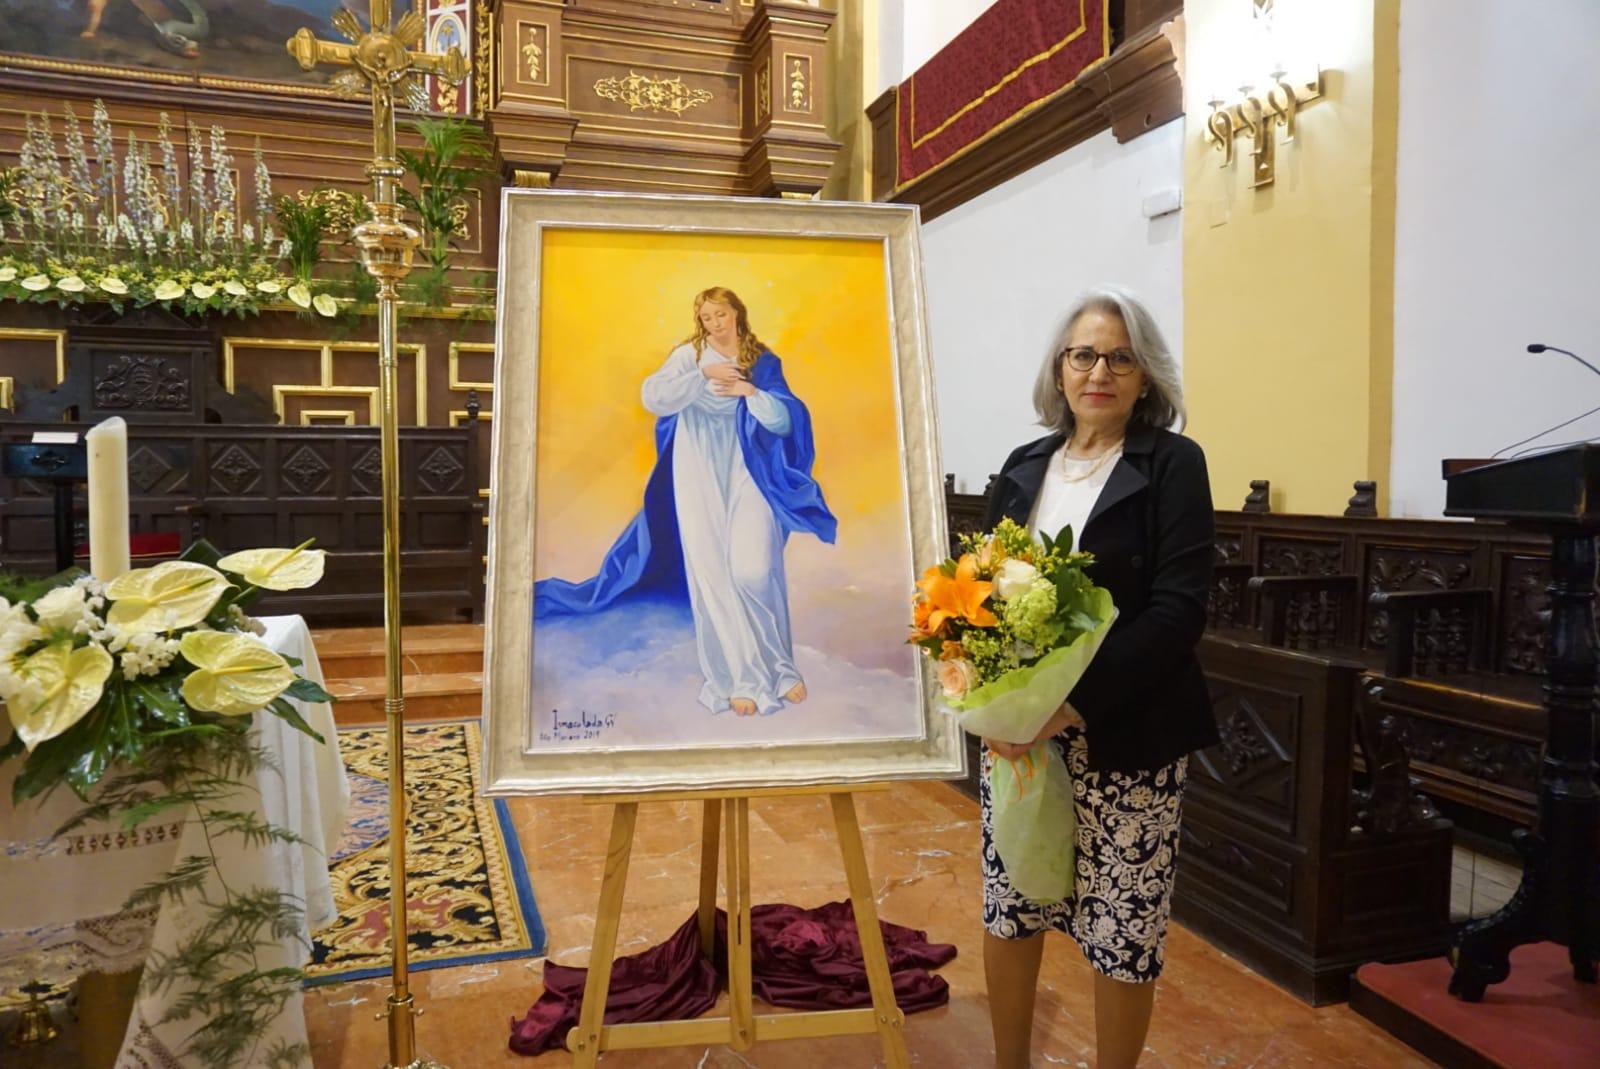 Inmaculada Garc%C3%ADa junto a su cuadro de la Inmaculada Concepci%C3%B3n - La pintora Inmaculada García dona un cuadro de temática inmaculista a la parroquia